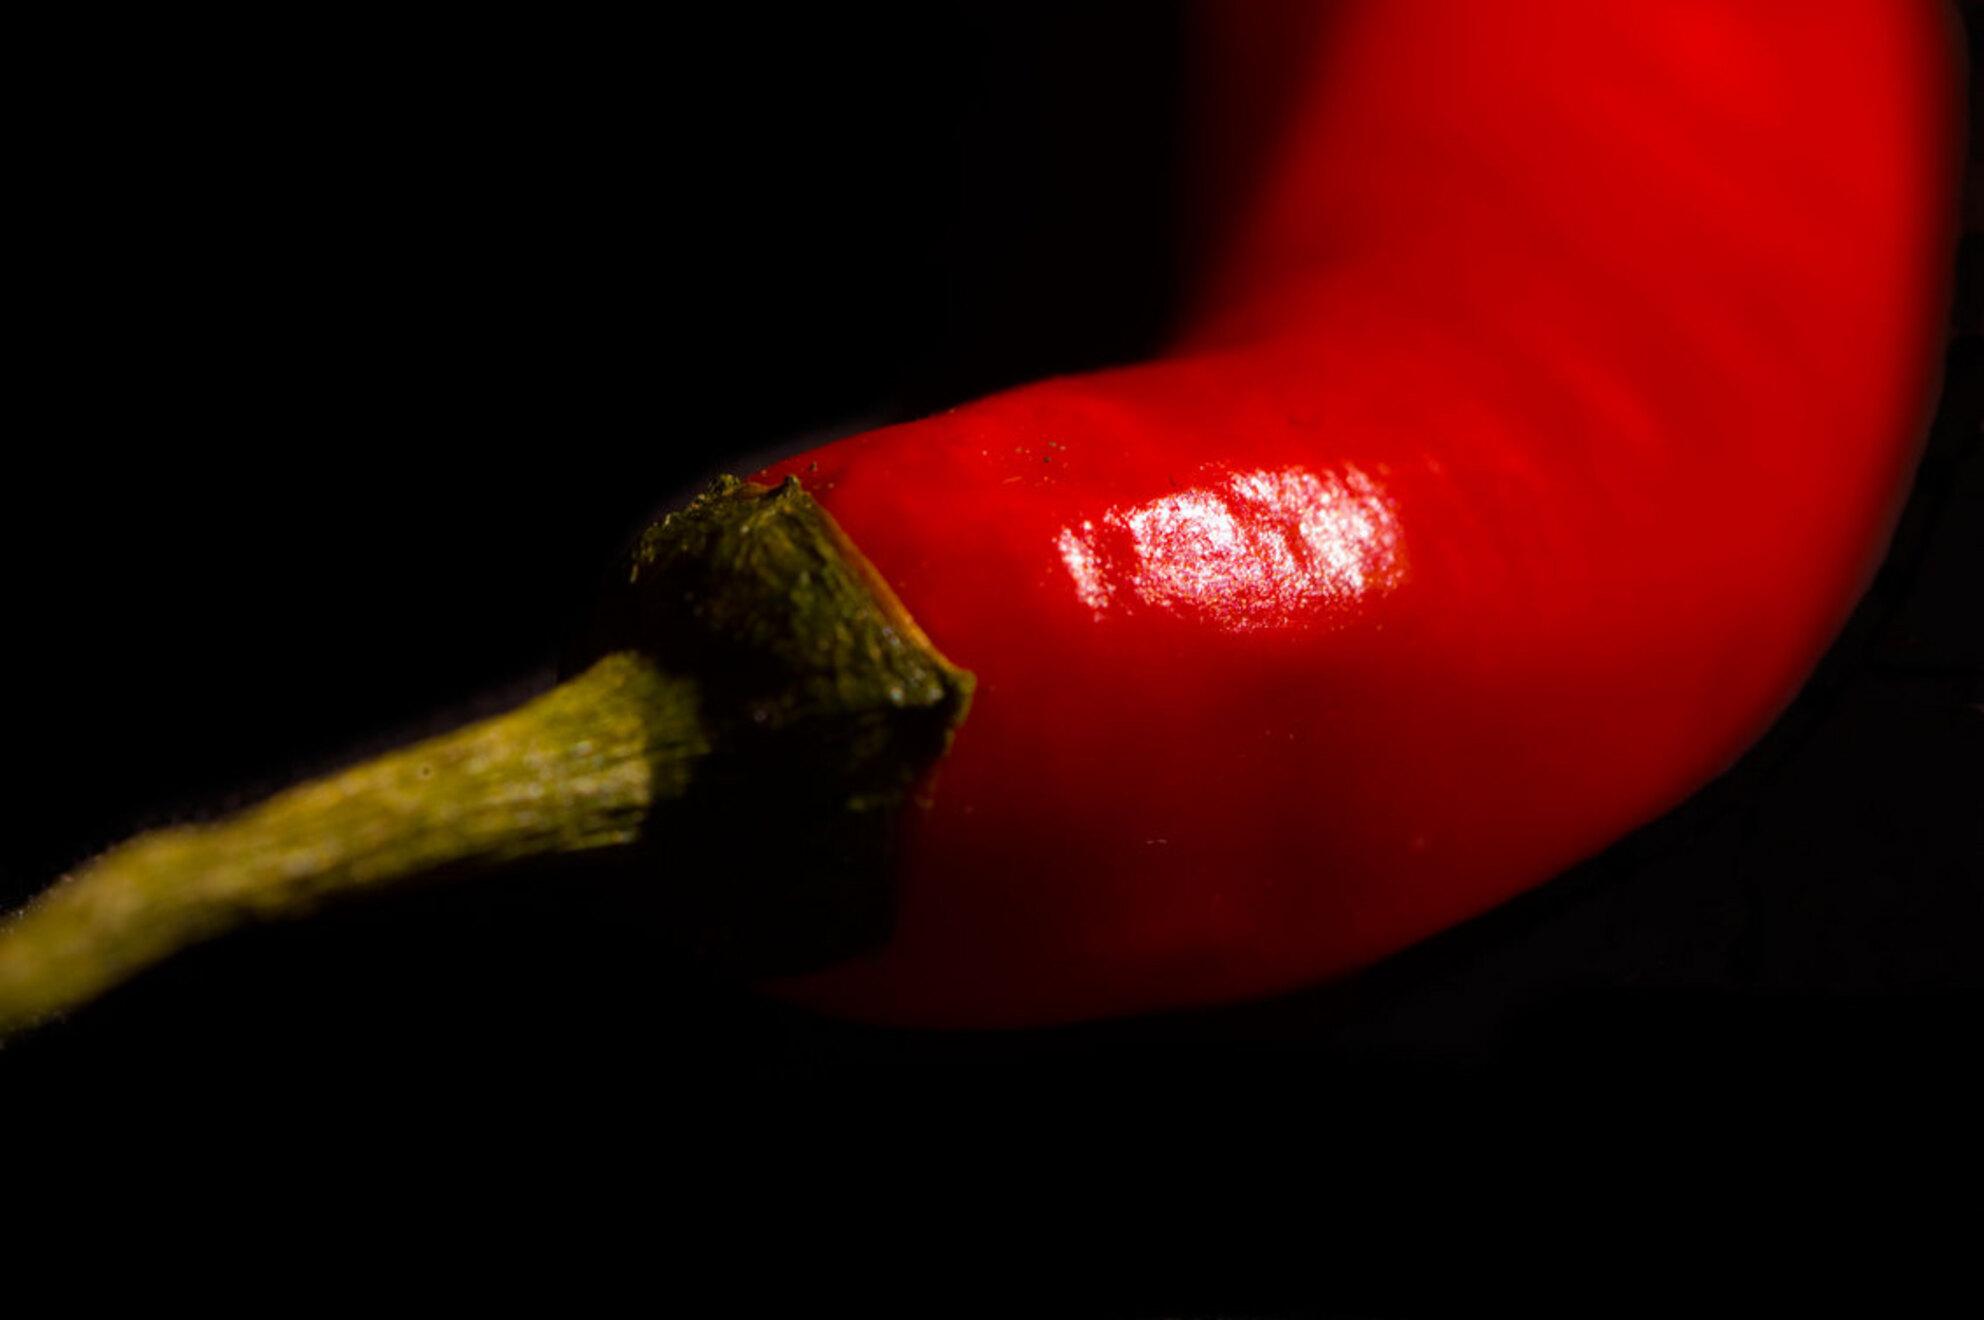 Cool Chili - Chili Peper: Het mooiste rood! - foto door obouma_zoom op 13-10-2010 - deze foto bevat: voedsel, peper